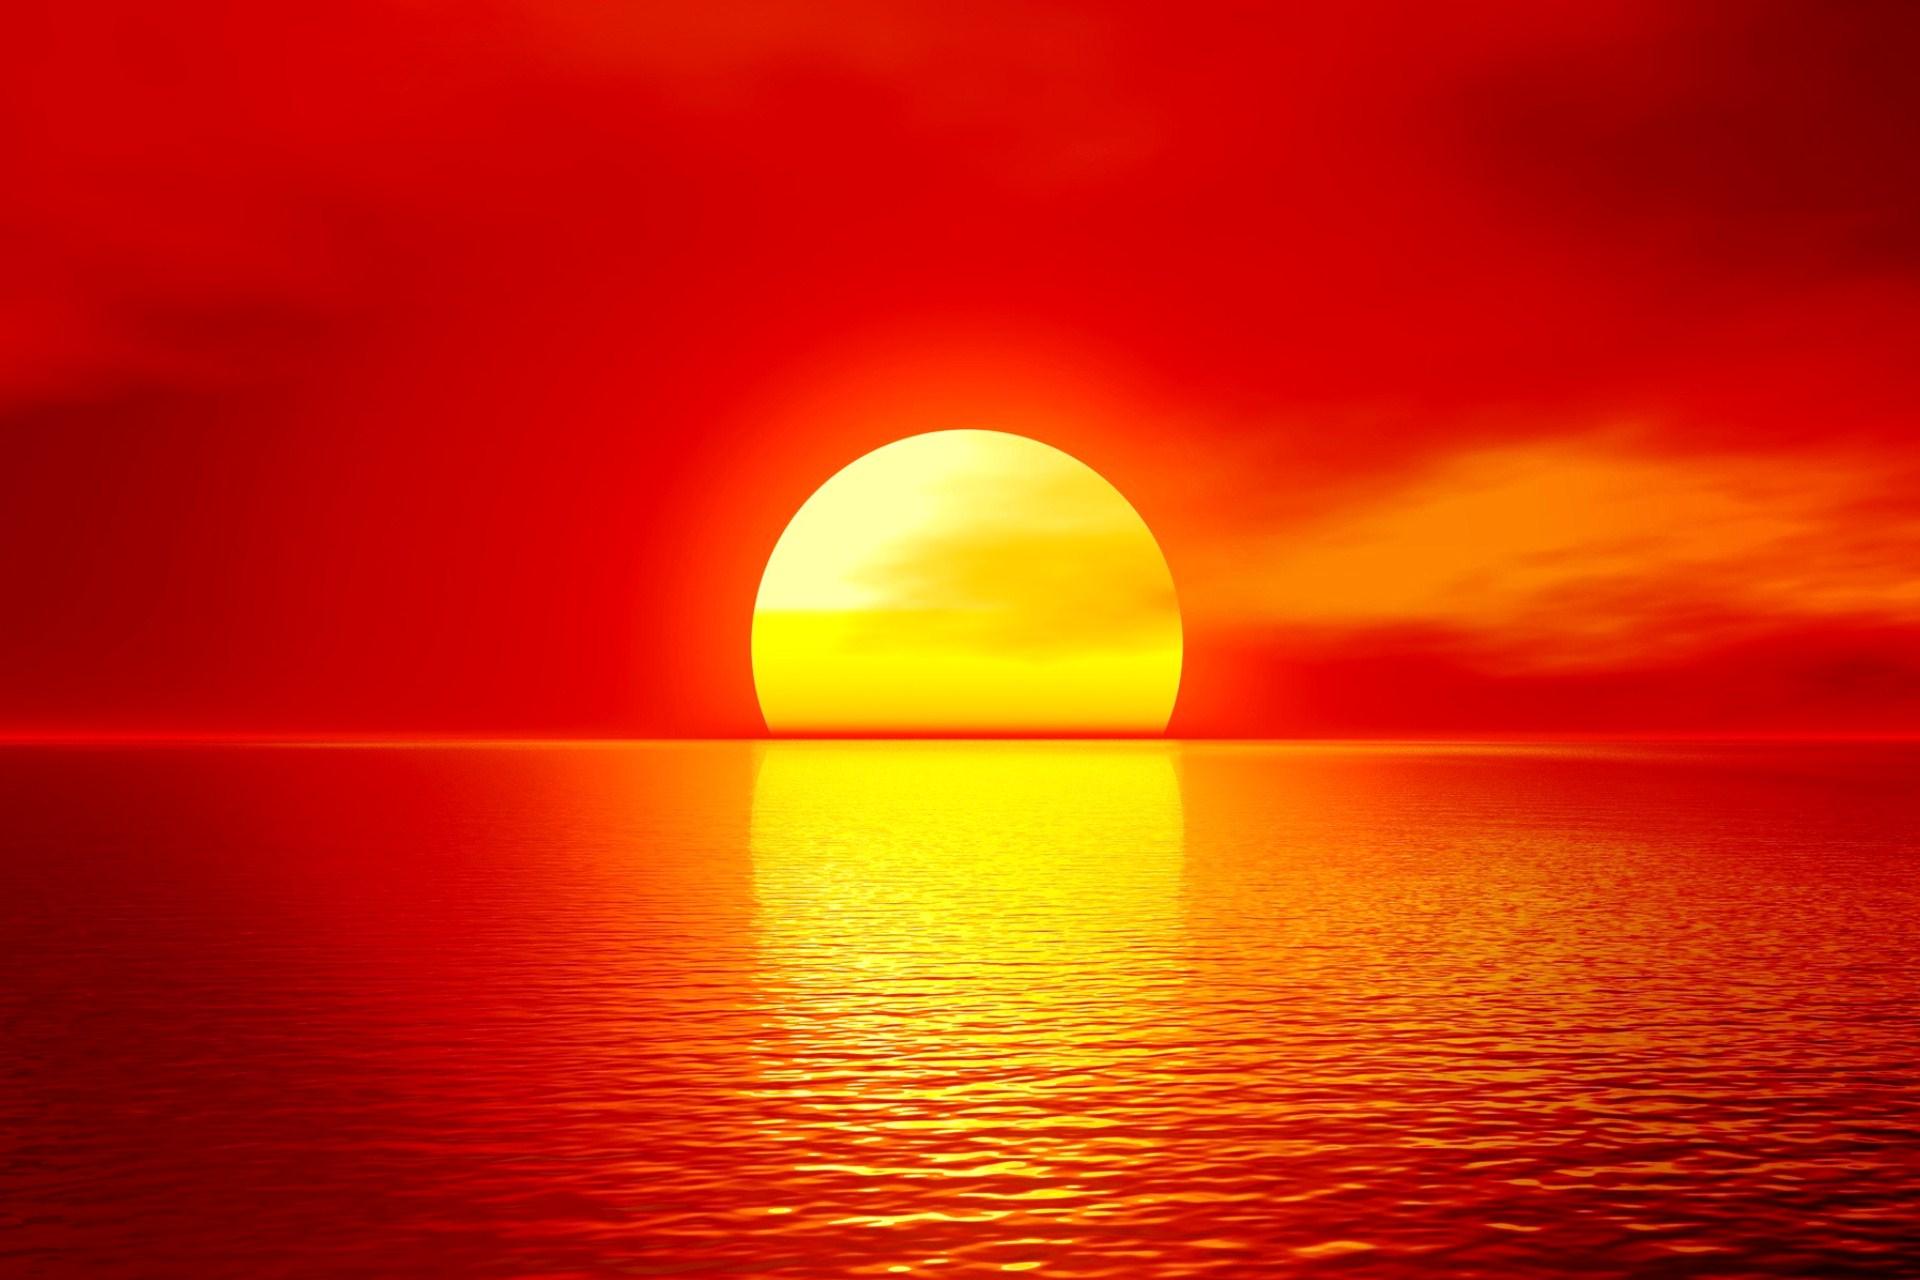 Universe Wallpaper Hd Sun Backgrounds 17273 Hdwpro